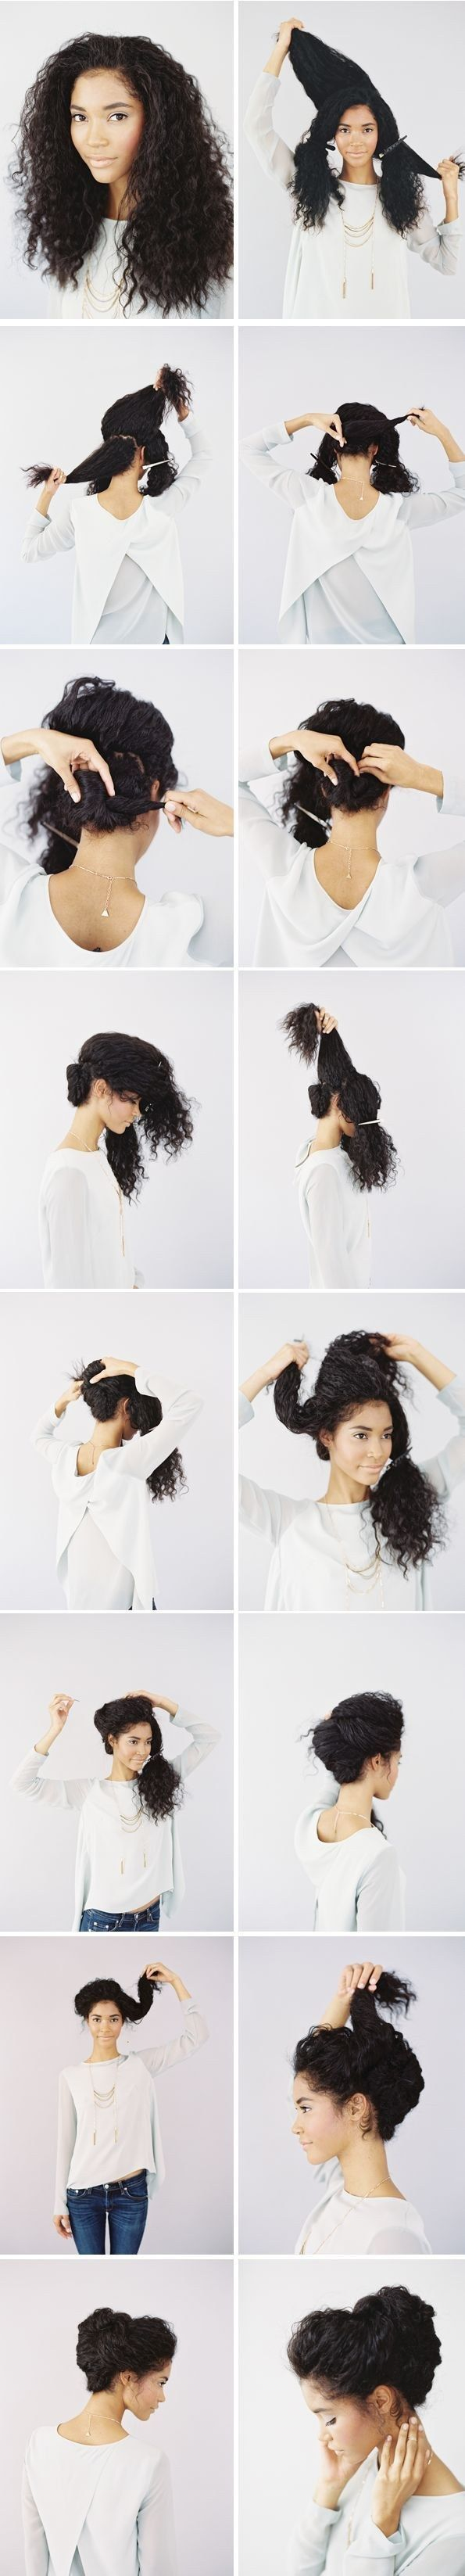 Penteado, cabelo enrolado